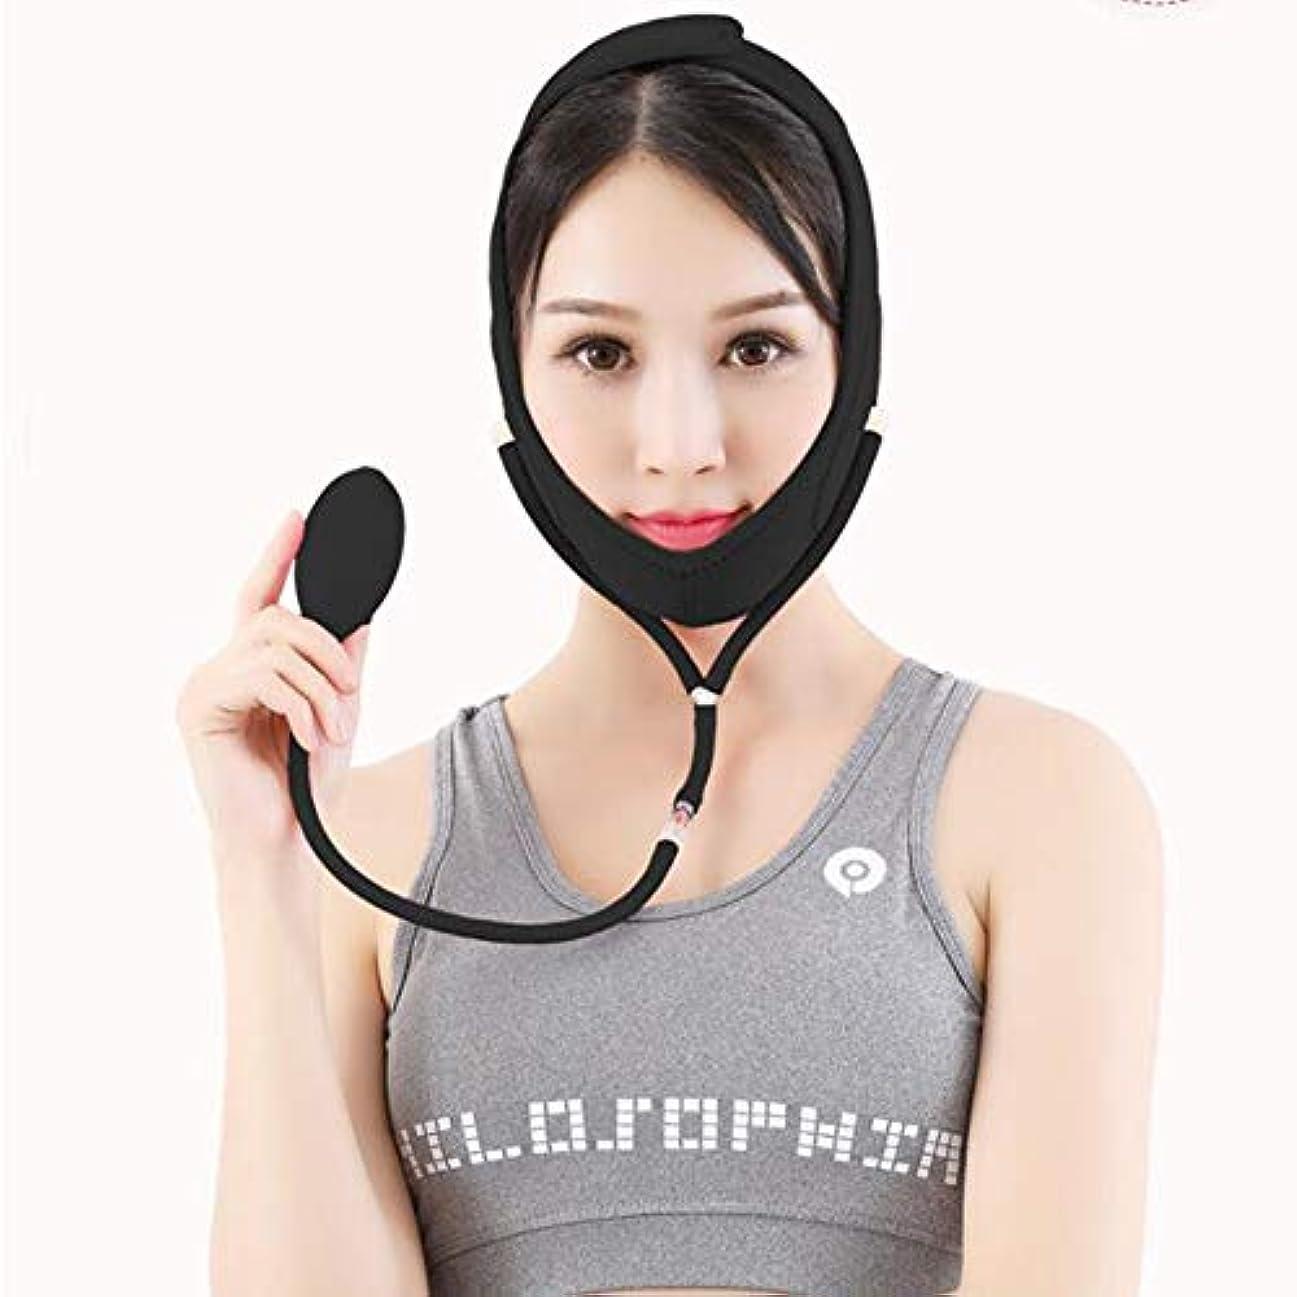 補体快適人気のインフレータブルマスク付きフェイスリフトベルトスキニーフェイスVフェイスアーチファクトスモールフェイスタイプスリーピングマスクタイトバンデージ (色 : B, サイズ さいず : L l)